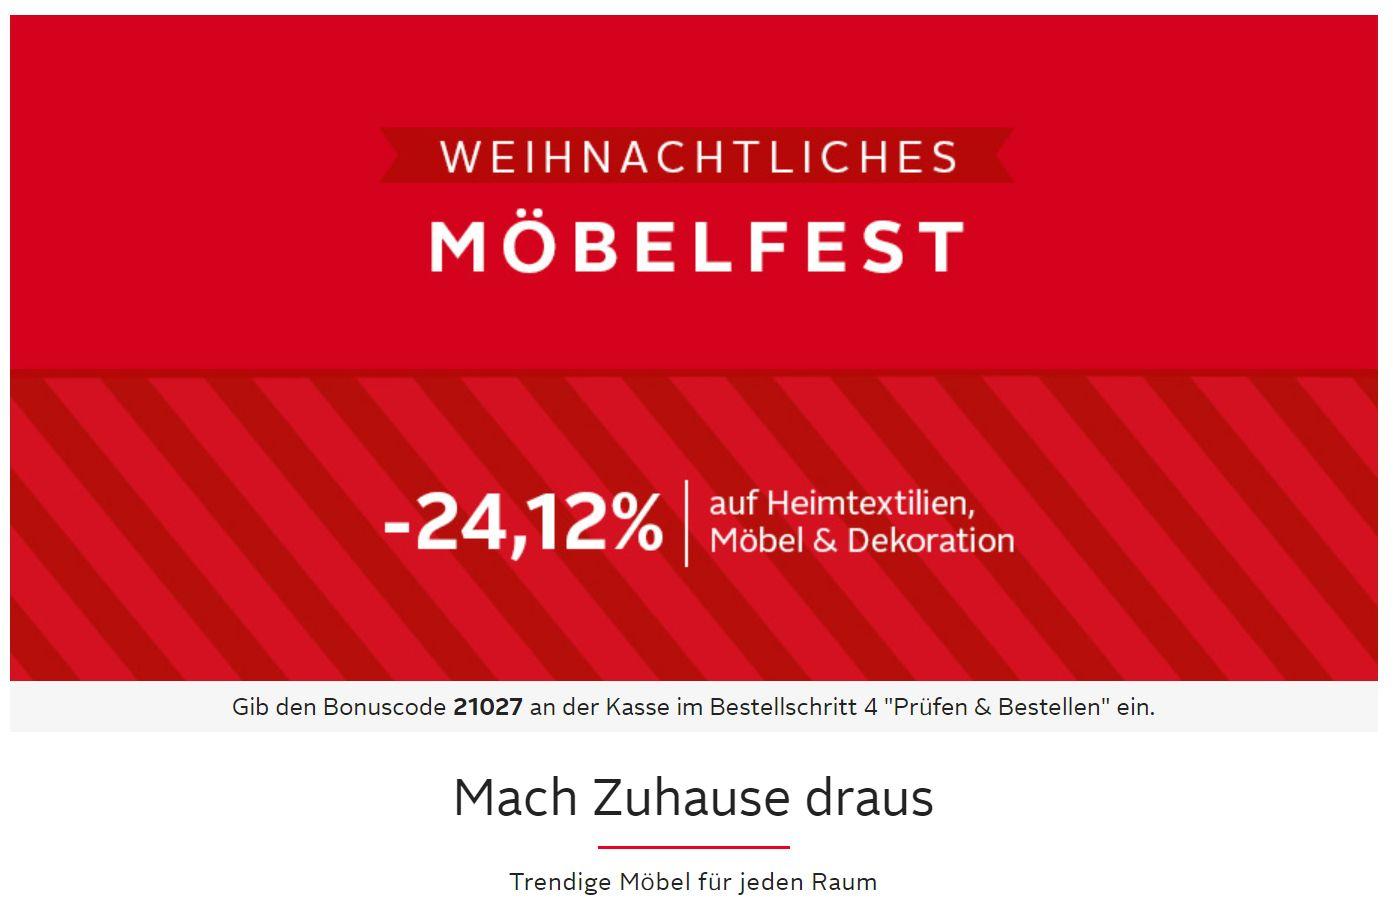 [OTTO]: Möbelfest -24,12% (kombinierbar mit 500 Extra-Pkt. und 20-fach Payback und Cashback)